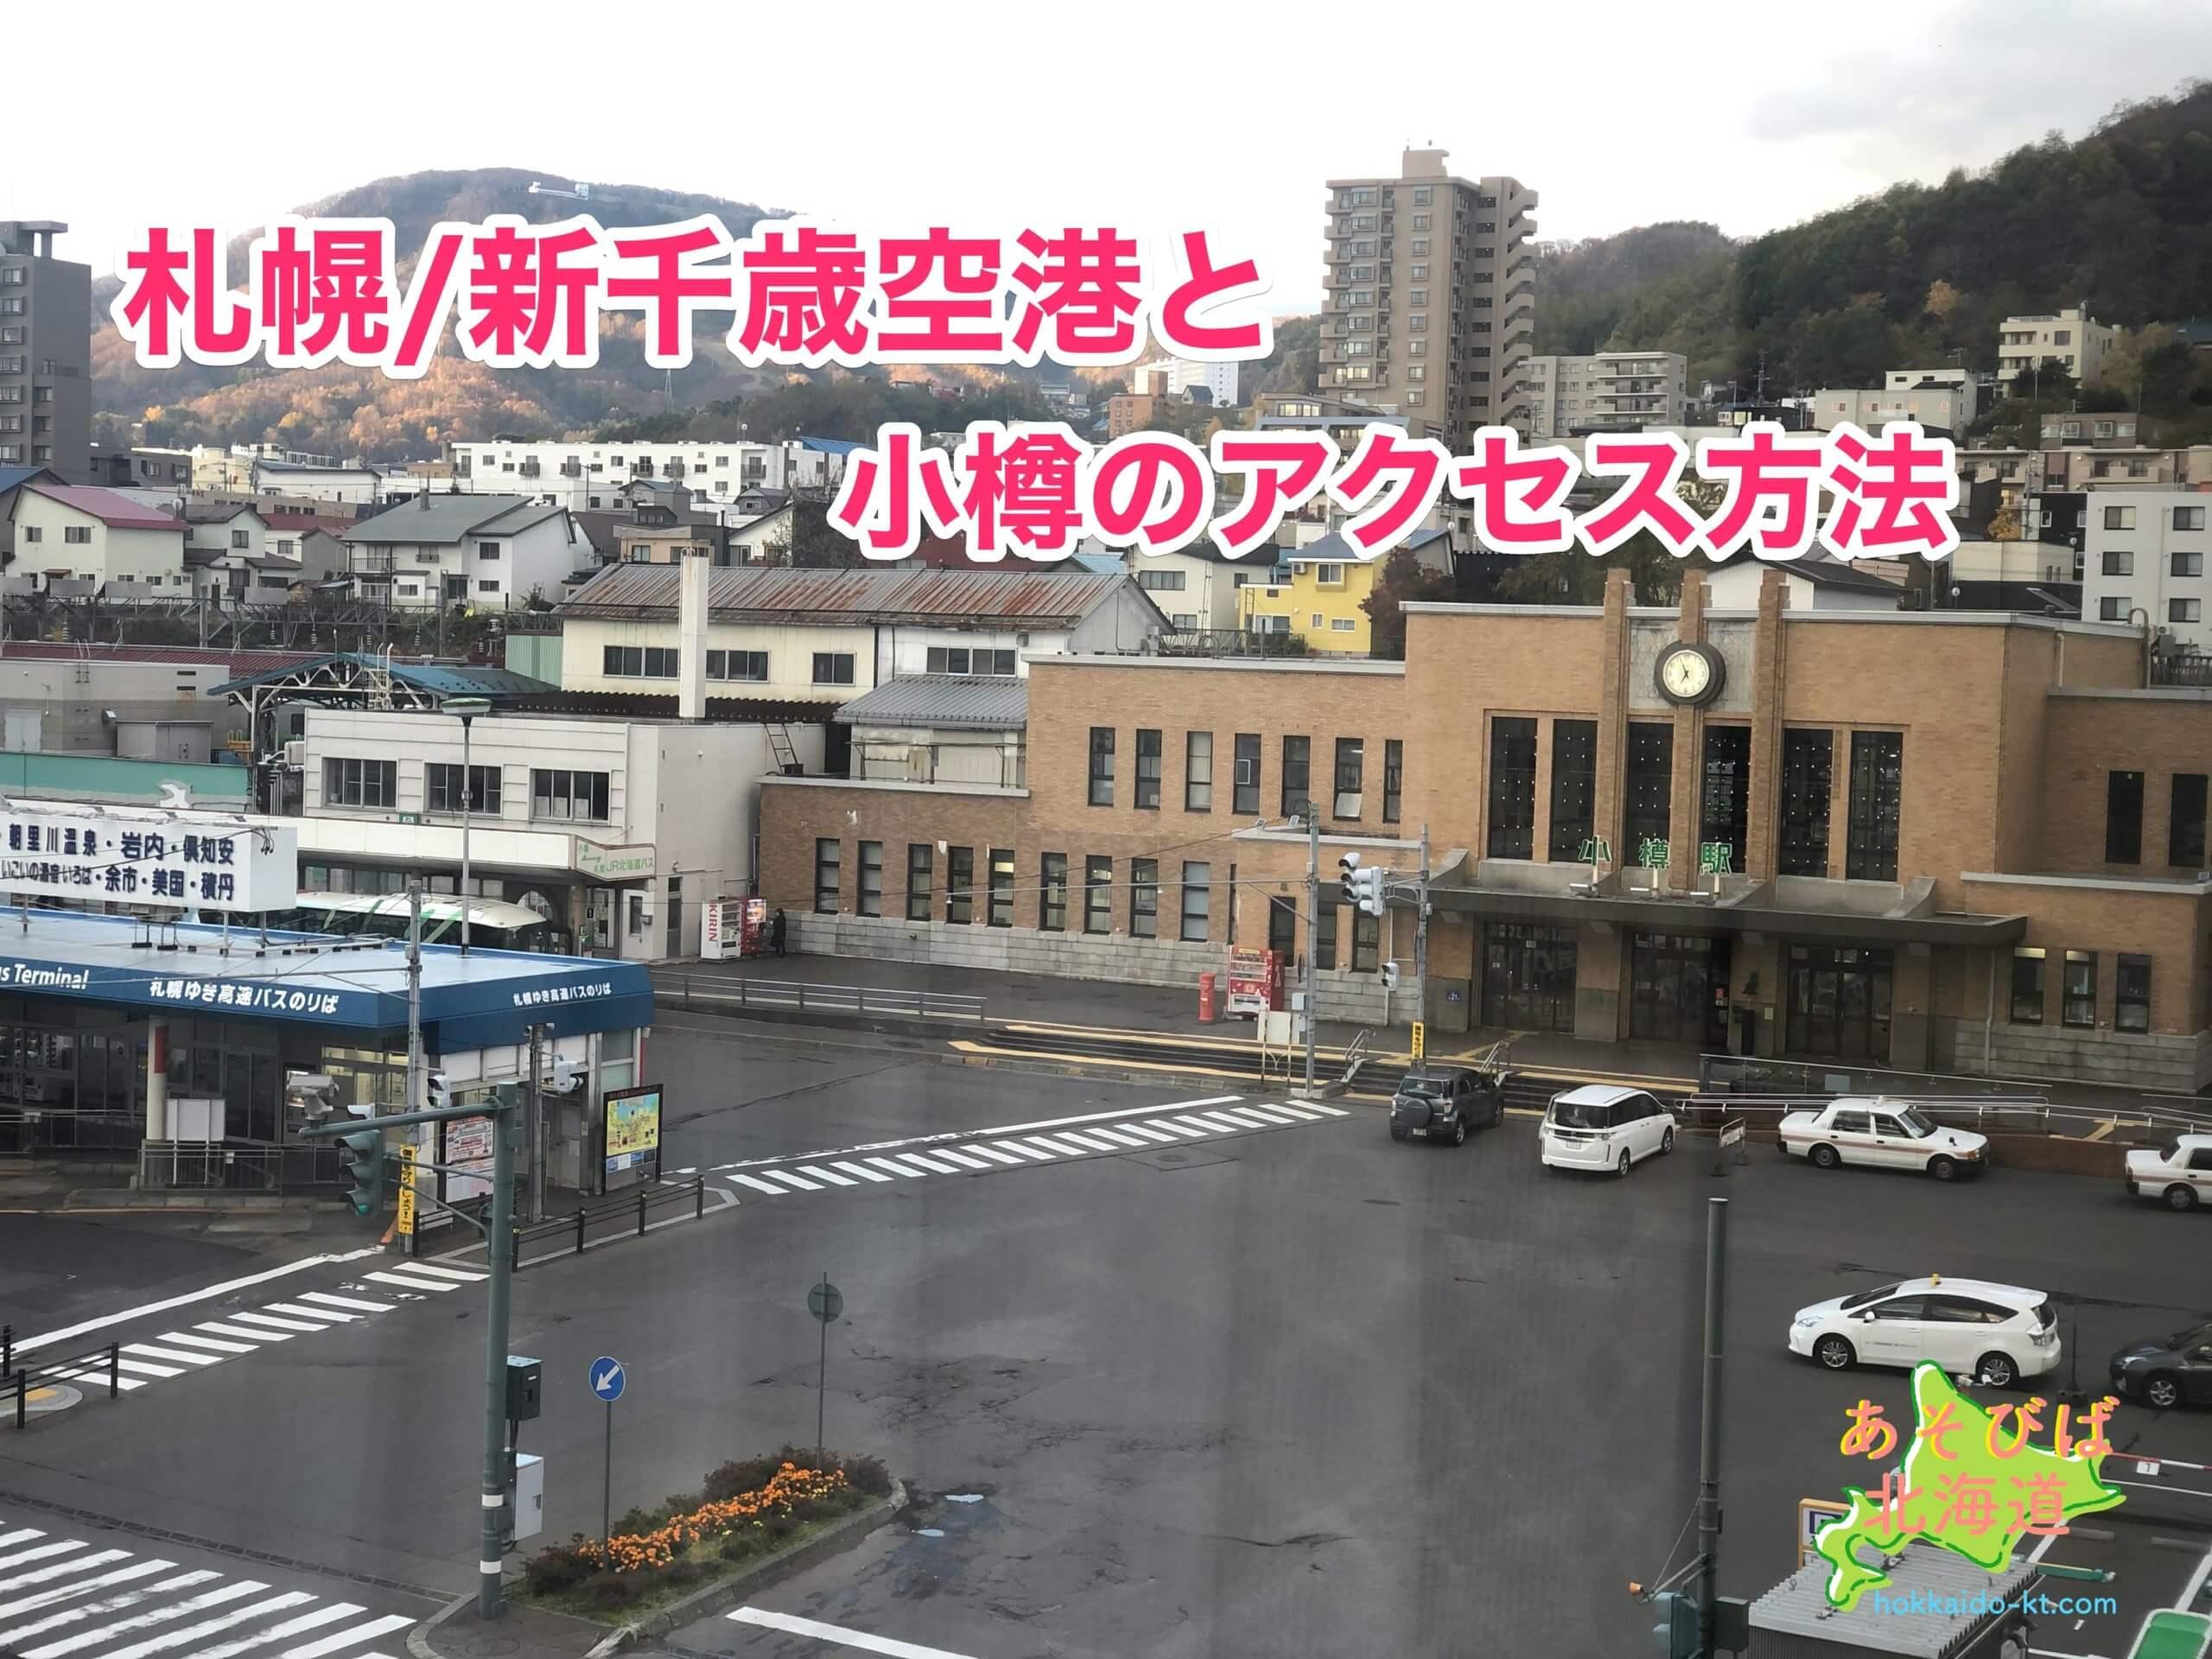 札幌・新千歳空港と小樽のアクセス方法